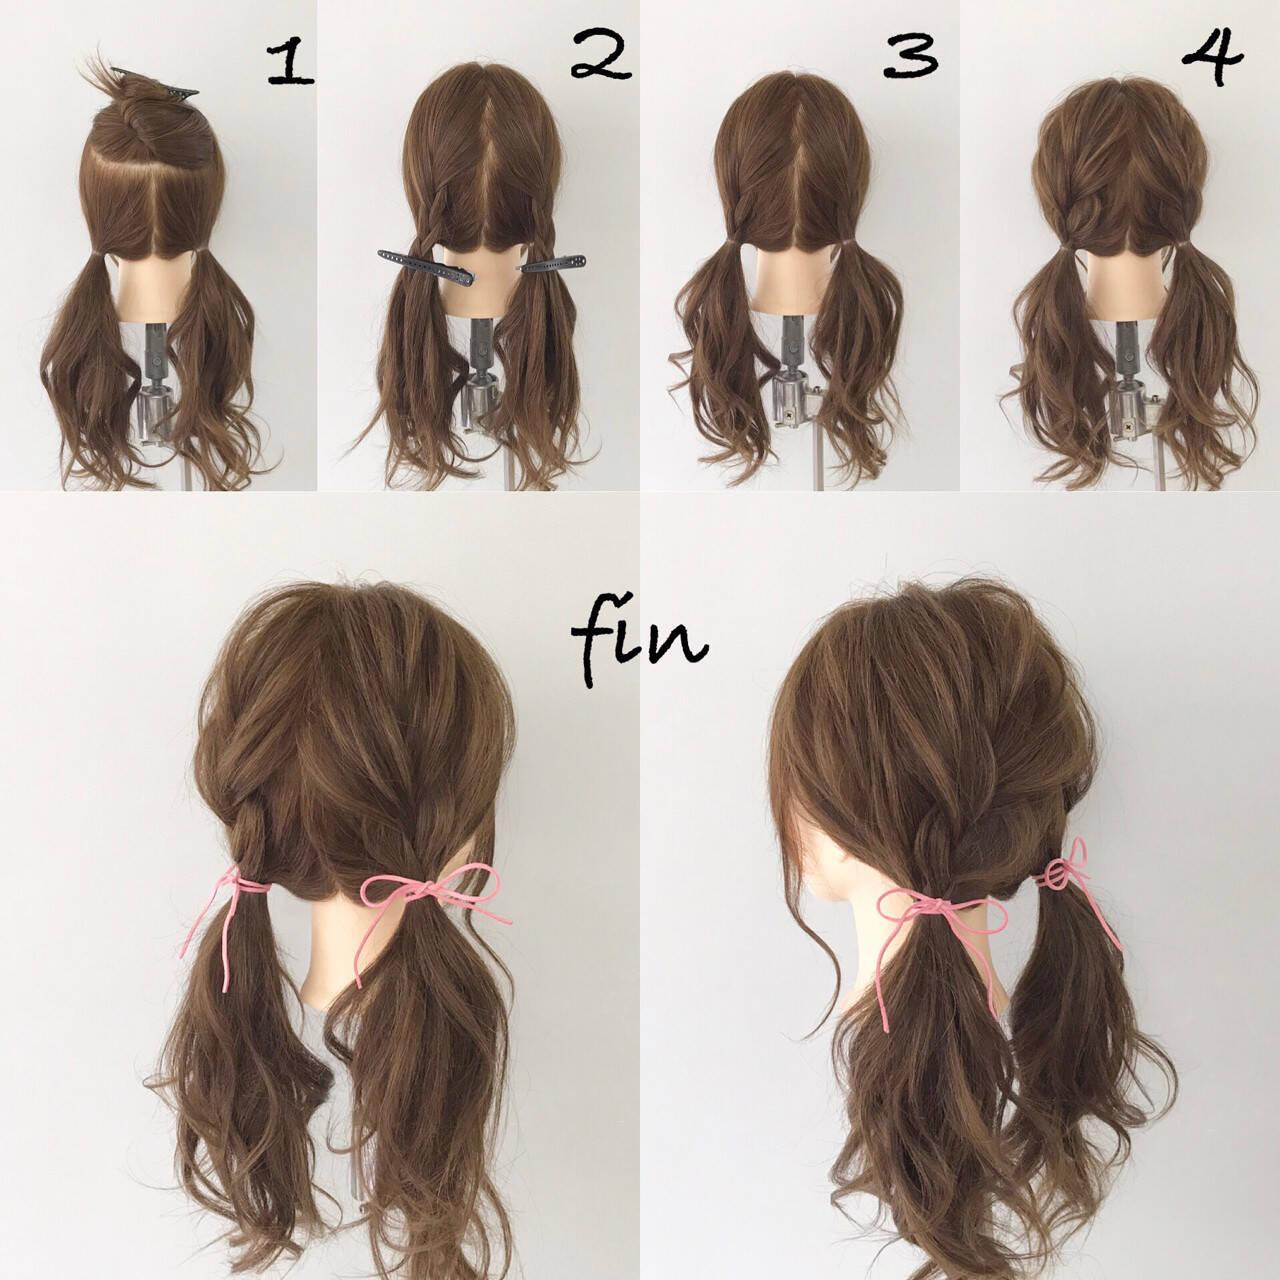 デート ロング 女子会 簡単ヘアアレンジヘアスタイルや髪型の写真・画像